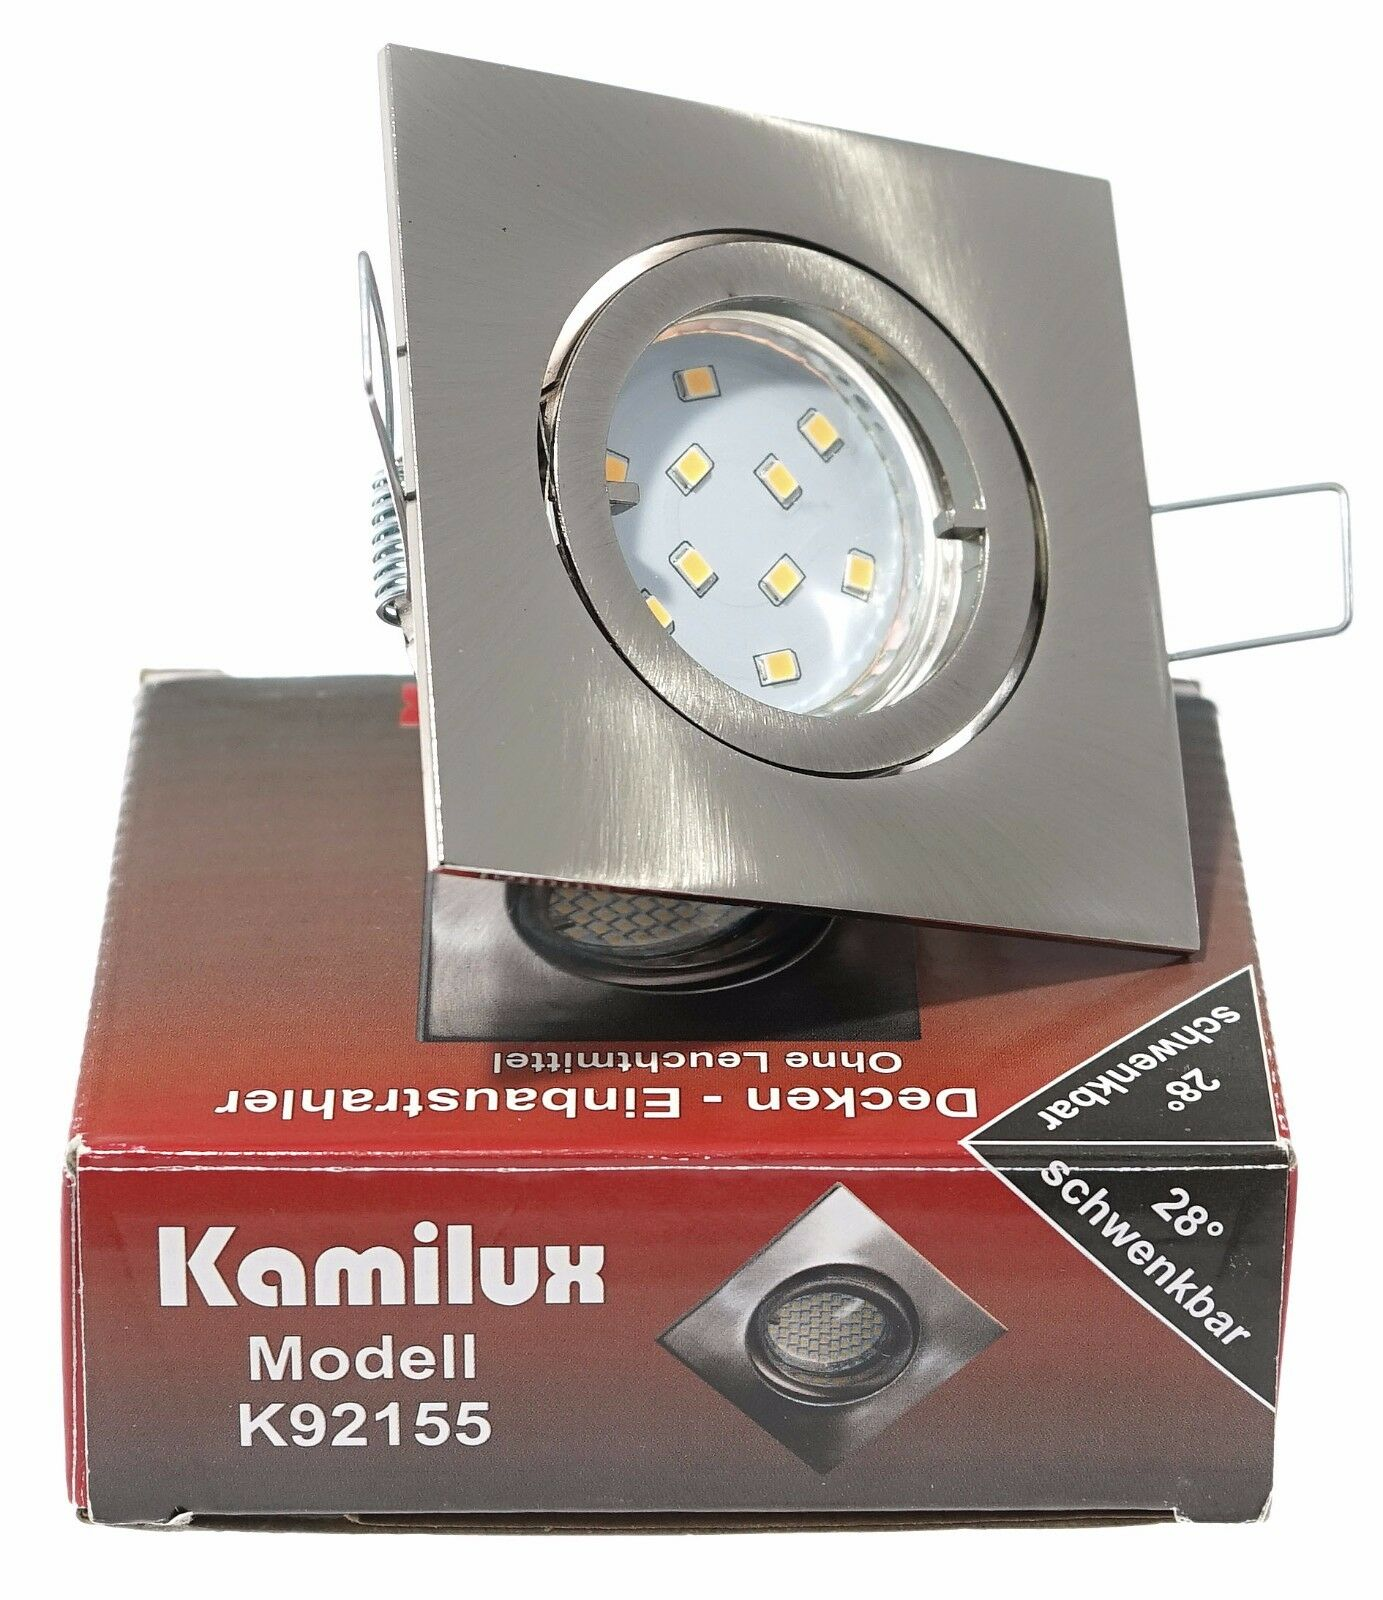 Cuadrada LED set instalación emisor k92155 5w gu10 SMD + + + bastidor + versión gu10 114550